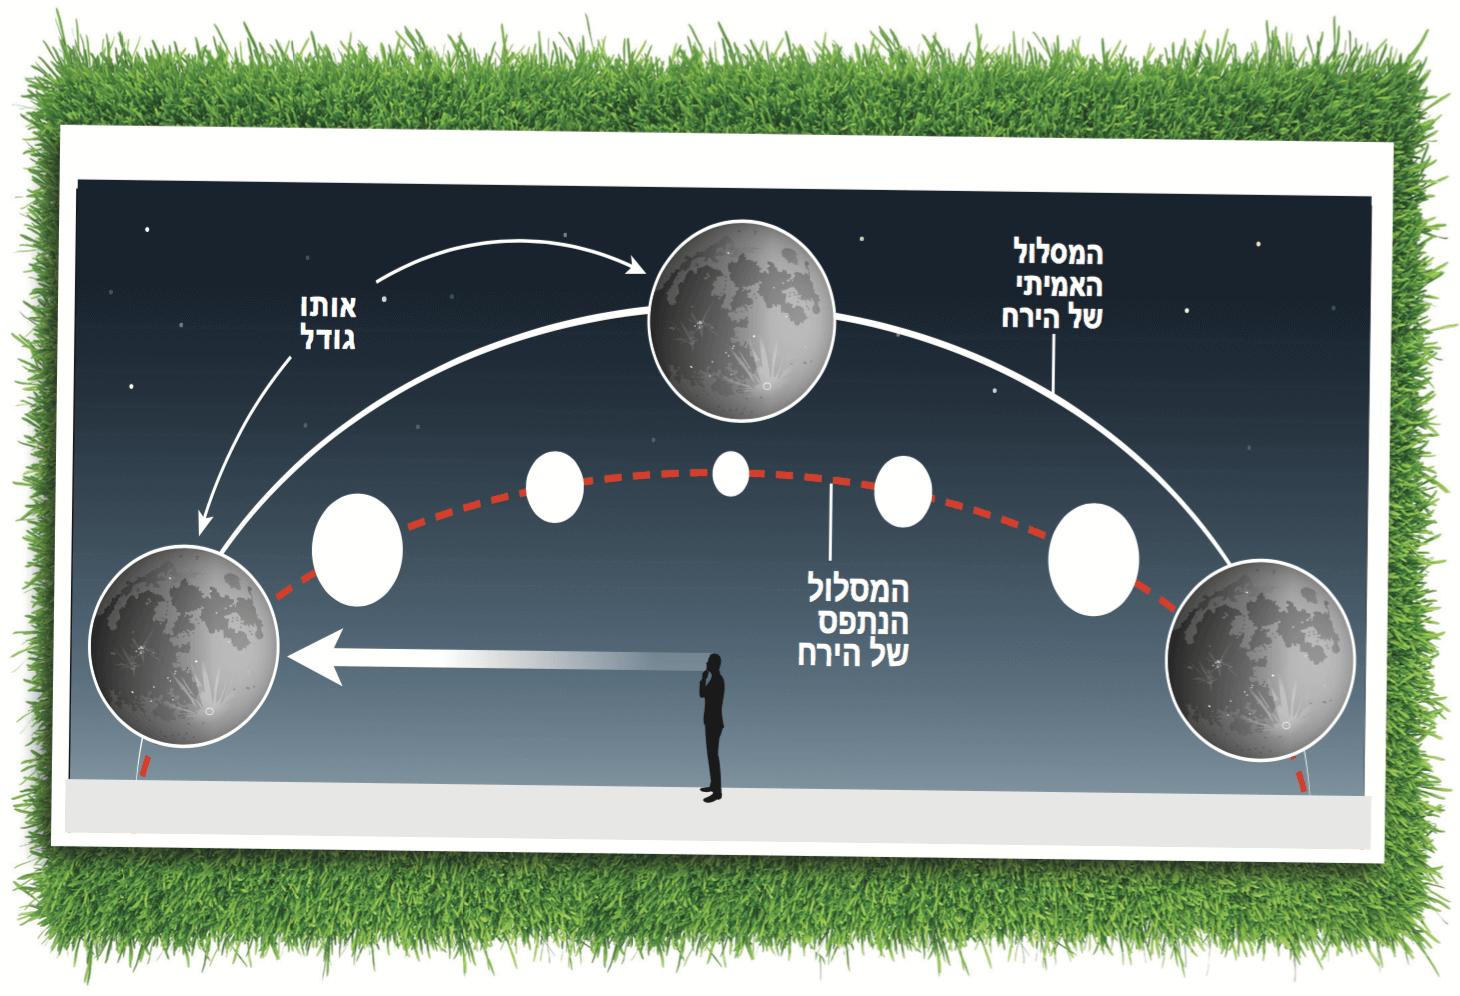 מופעי הירח והמוח שלנו בחלל - חלל - מדע פלוס